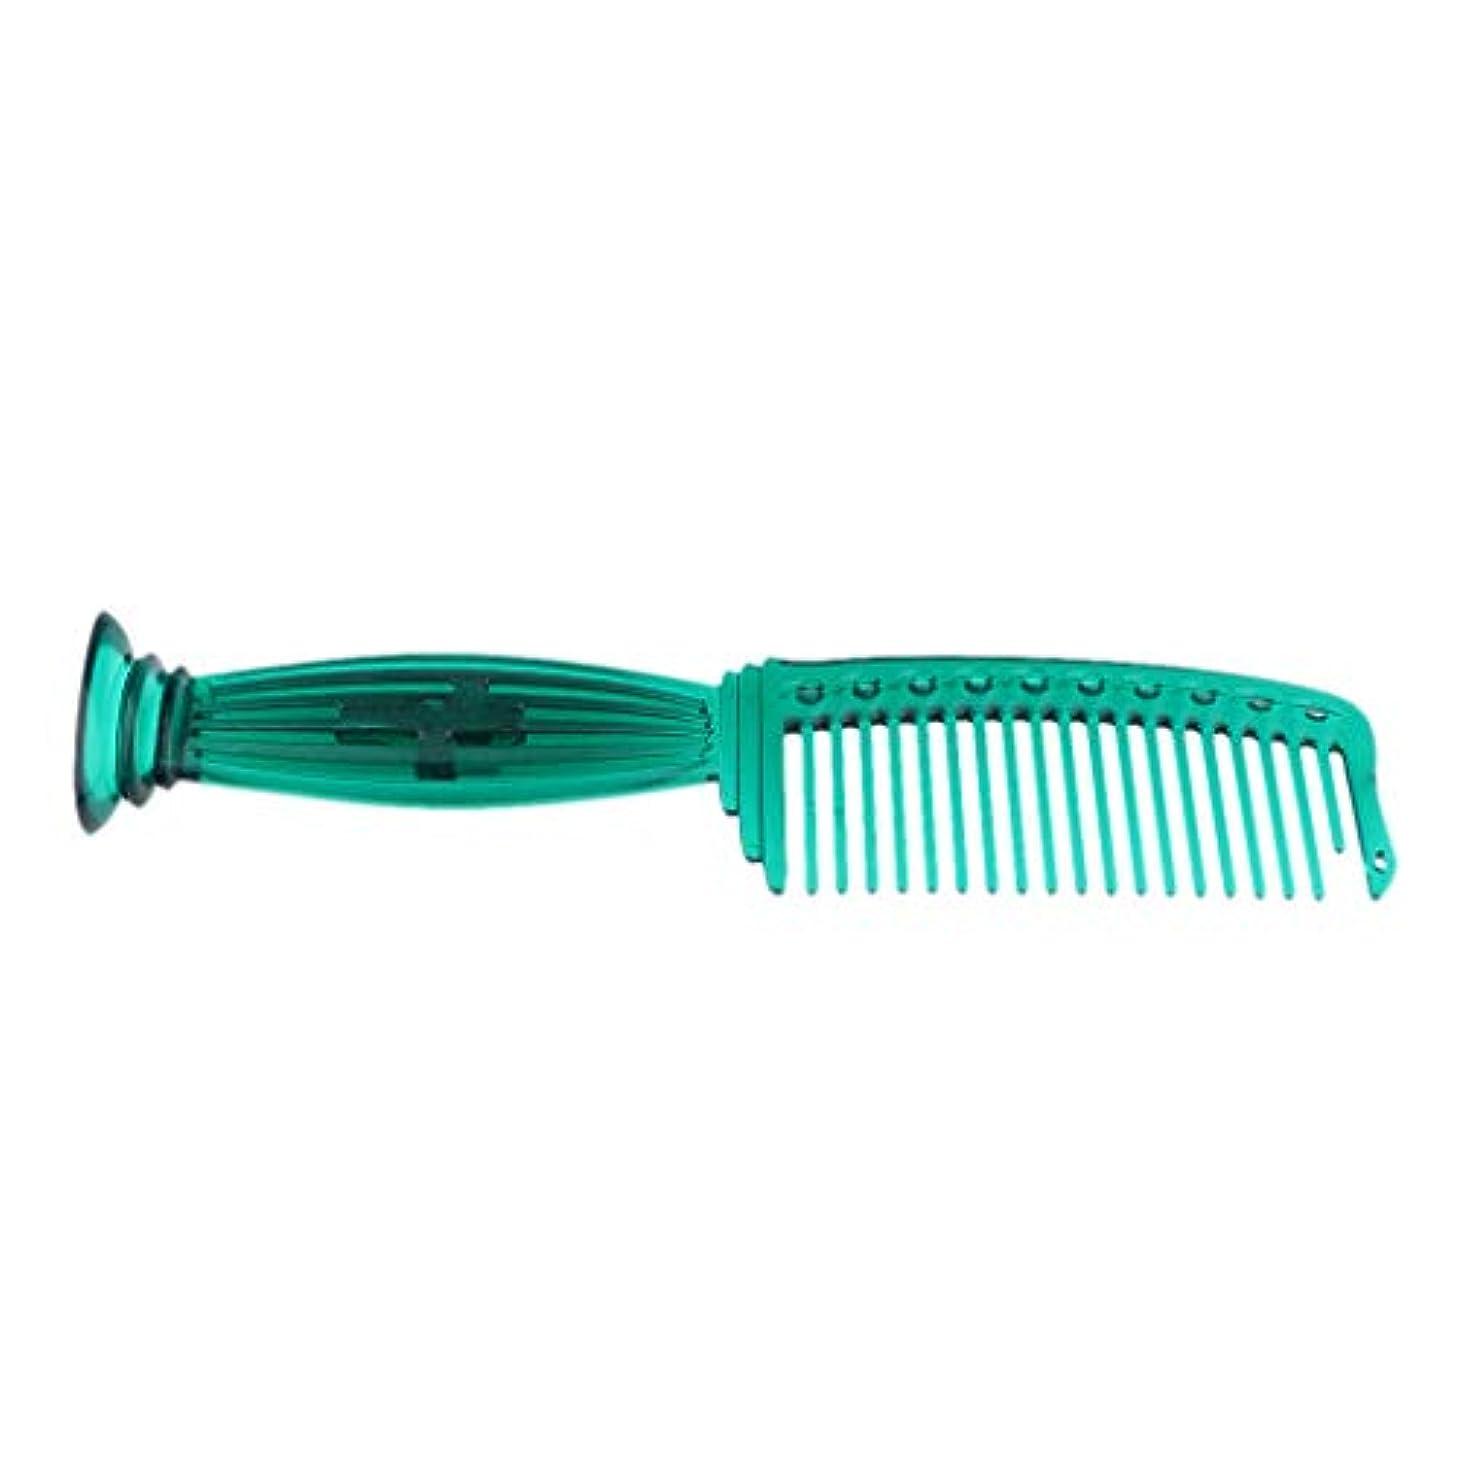 東方ドーム電話T TOOYFUL 全5色 ワイド歯 ヘアコーム ヘアブラシ プラスチック櫛 頭皮保護 櫛 プロ ヘアサロン 理髪師用 - 緑